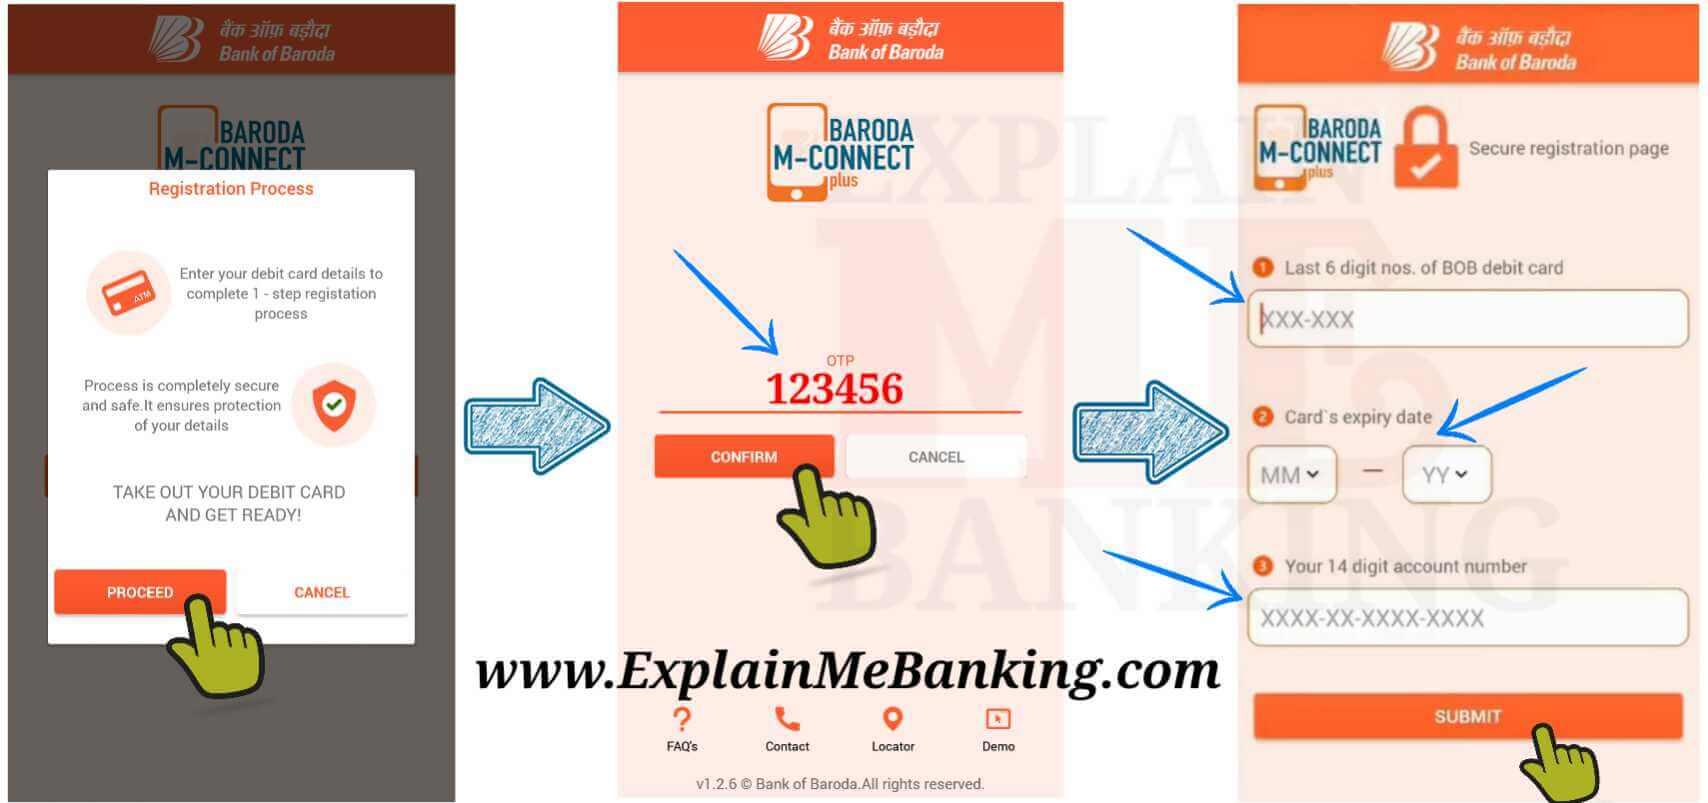 BOB Mobile Banking Registration Details